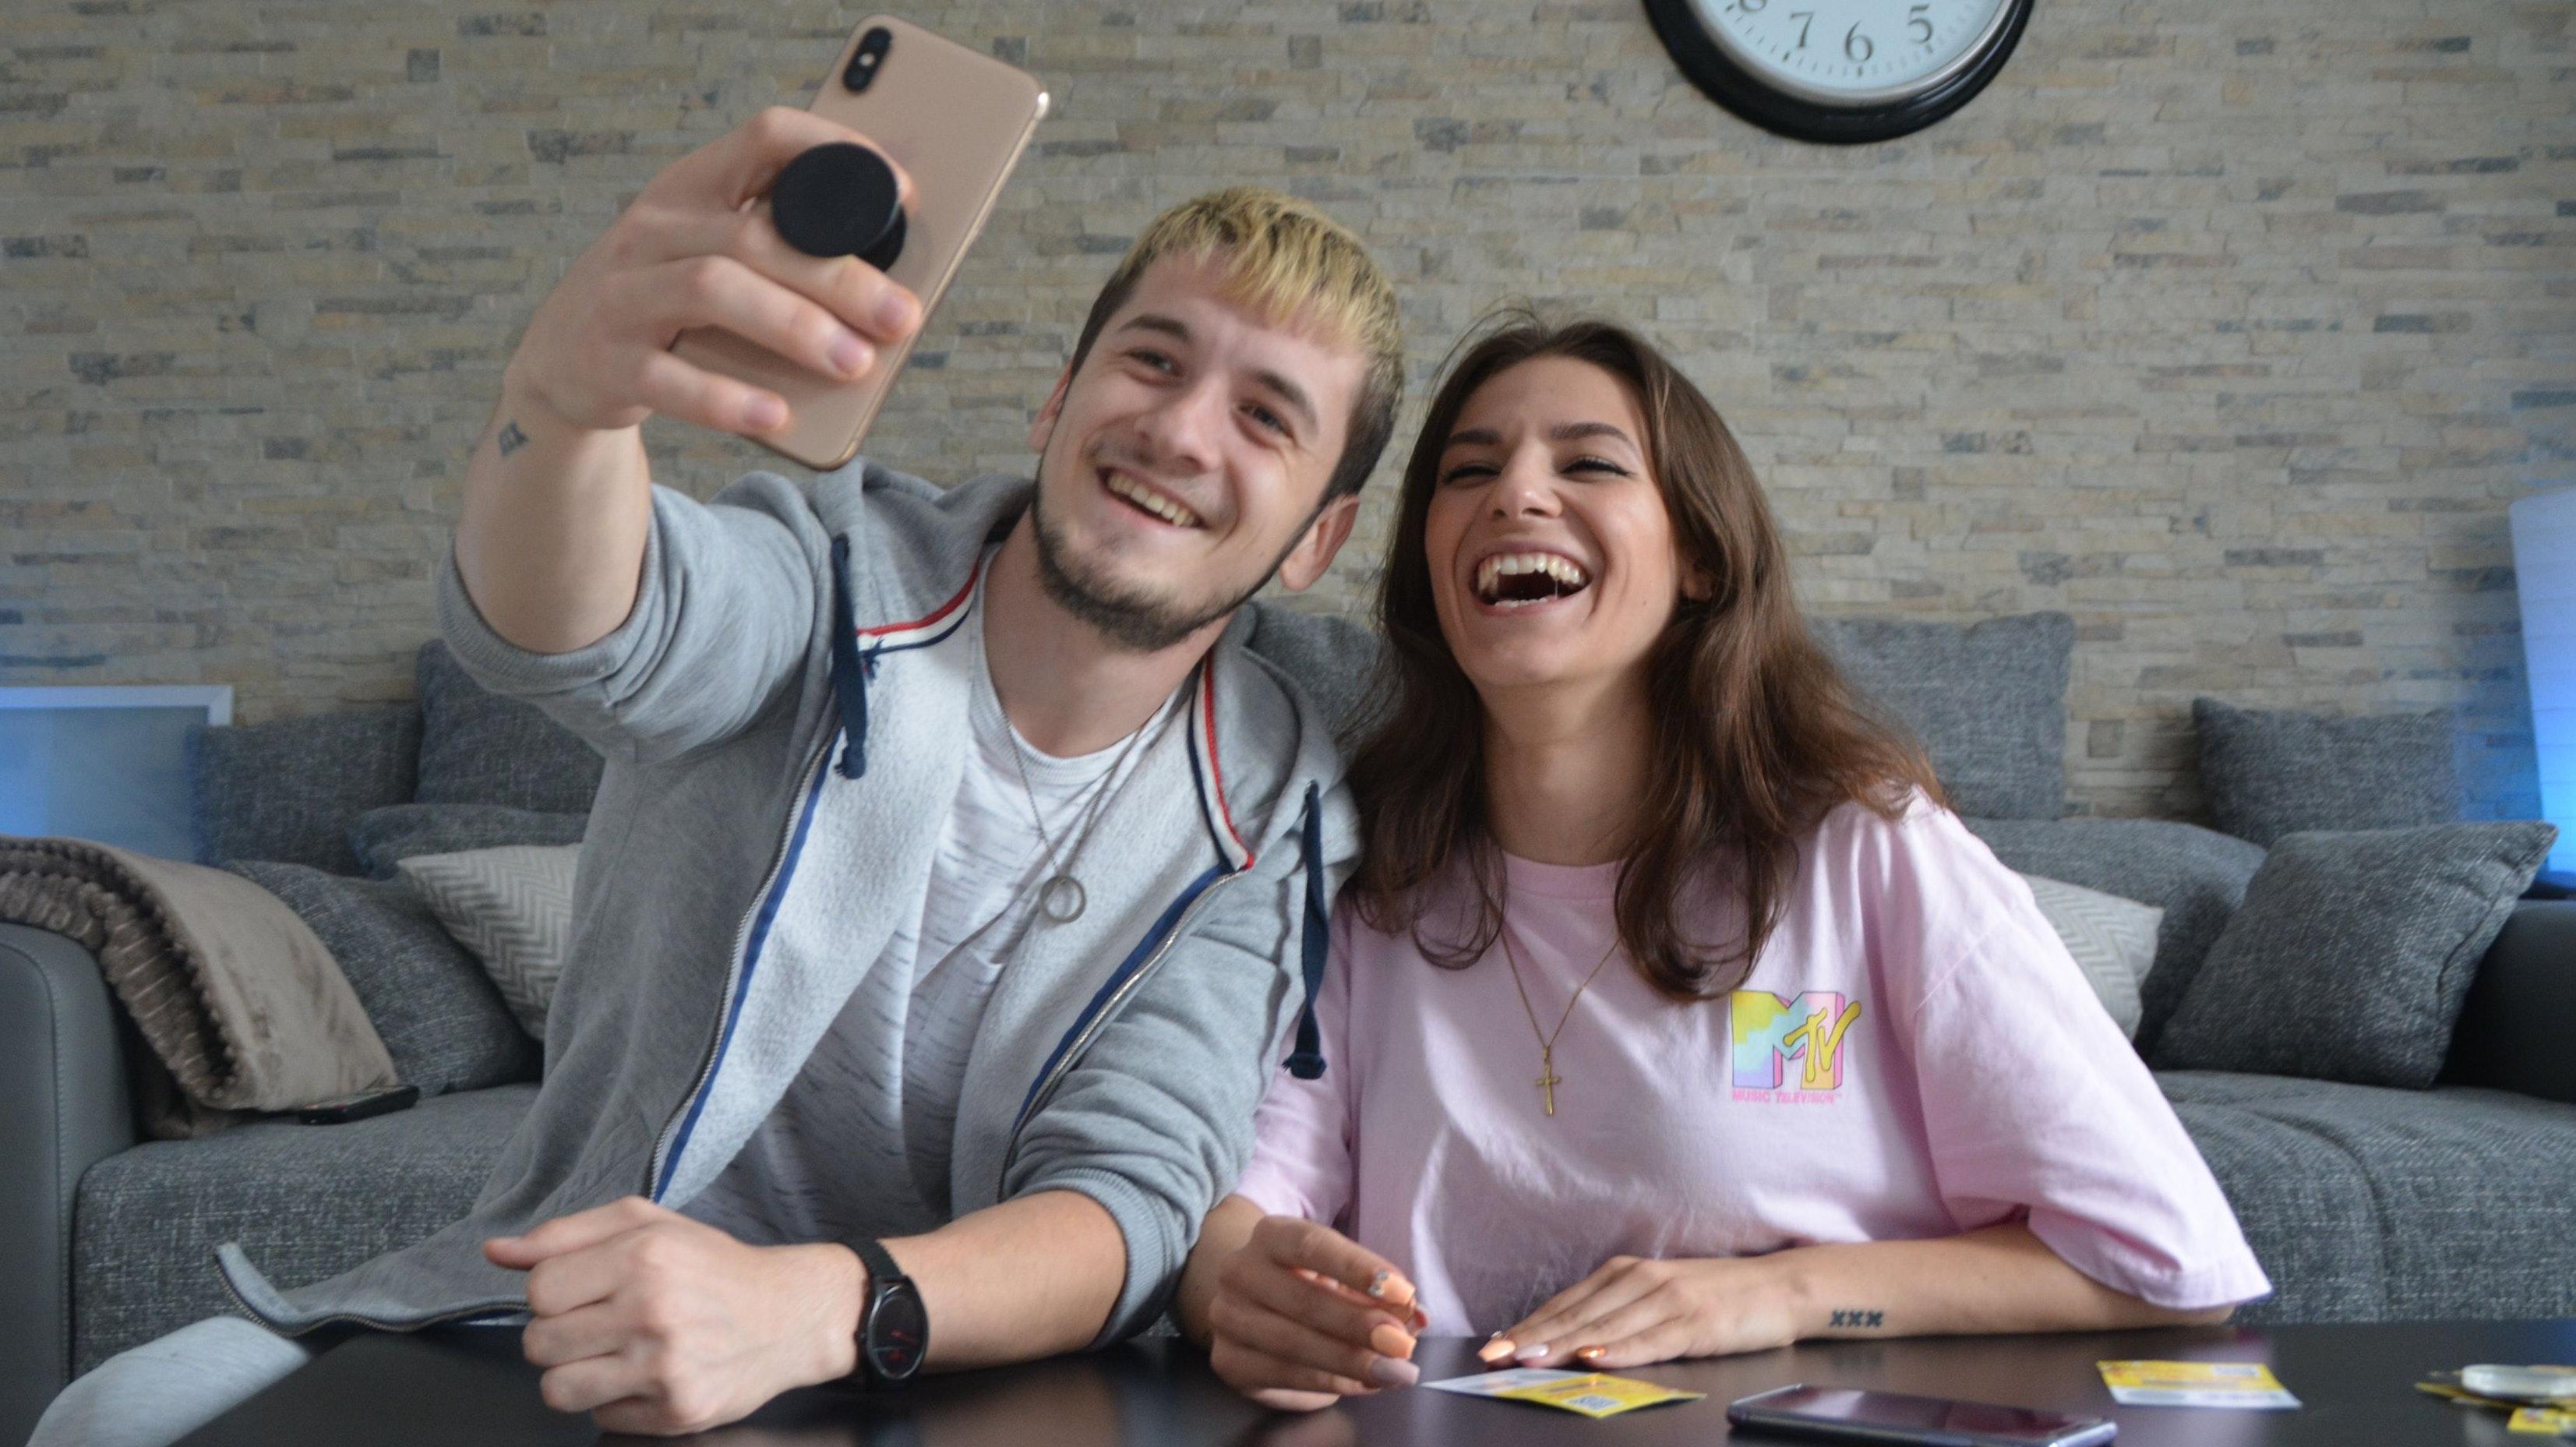 Erfolgreich mit lustigen Videos: Christian und Christina haben rund 230.000 Follower auf TikTok. Foto: Stephanie Alvarez